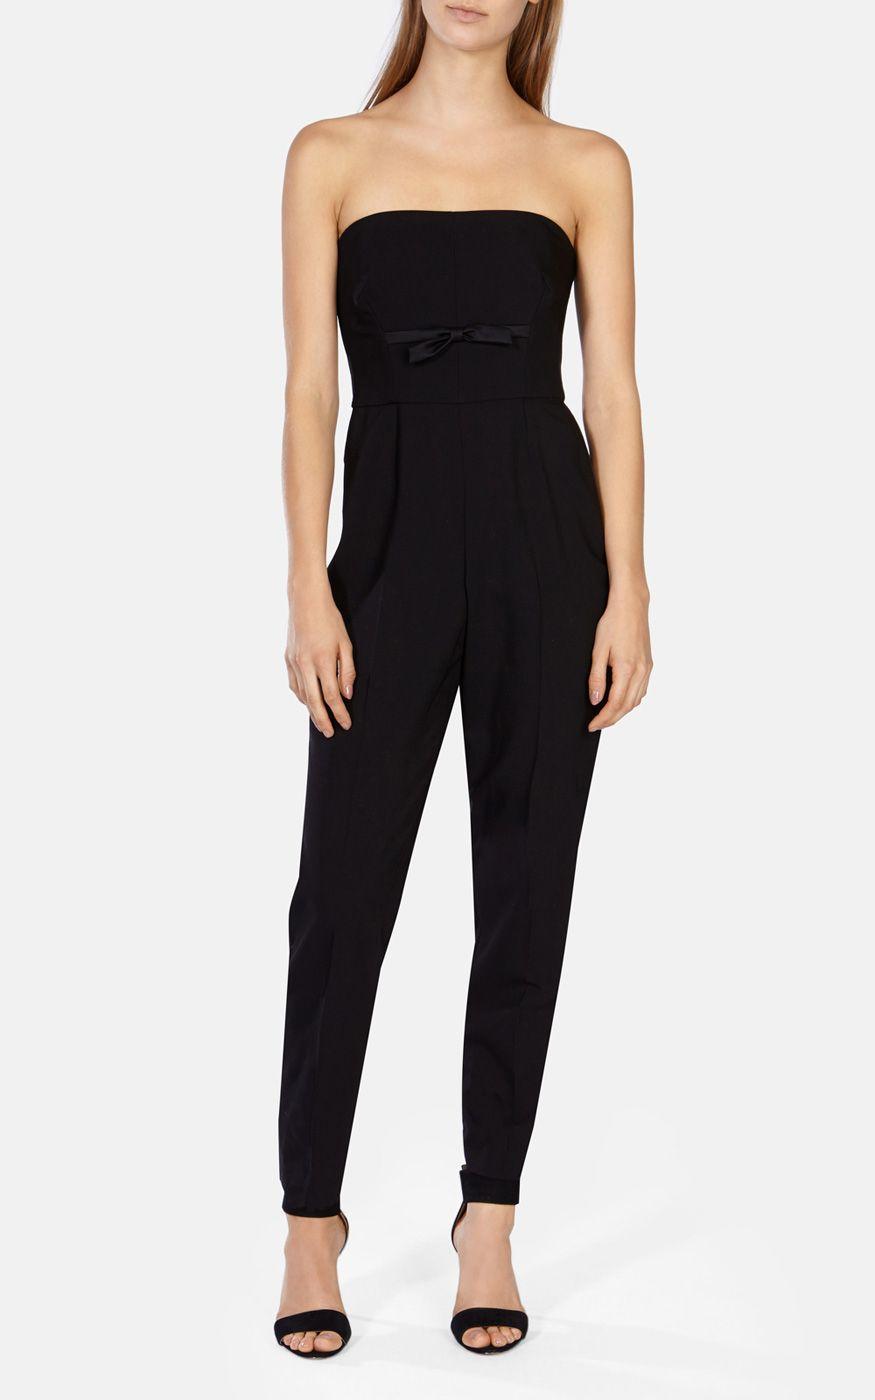 Karen millen Strapless Tailored Jumpsuit in Black | Lyst